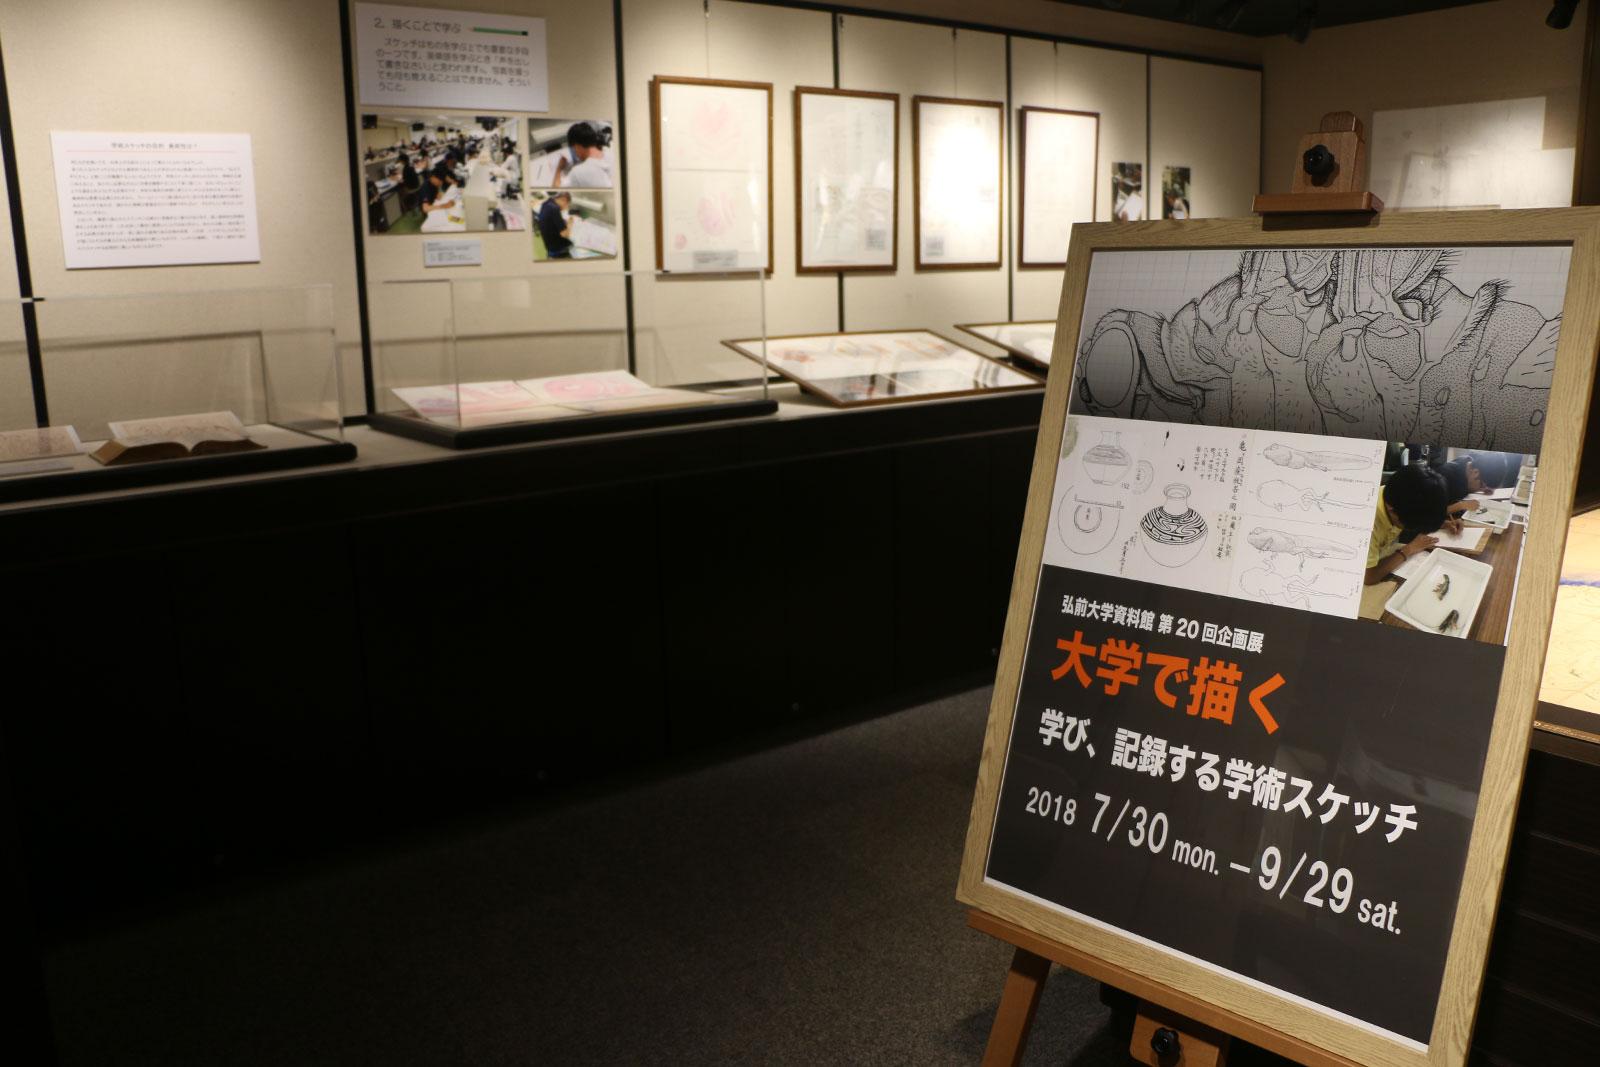 弘前大学資料館第20回企画展「大学で描く ~学び、記録する学術スケッチ~」